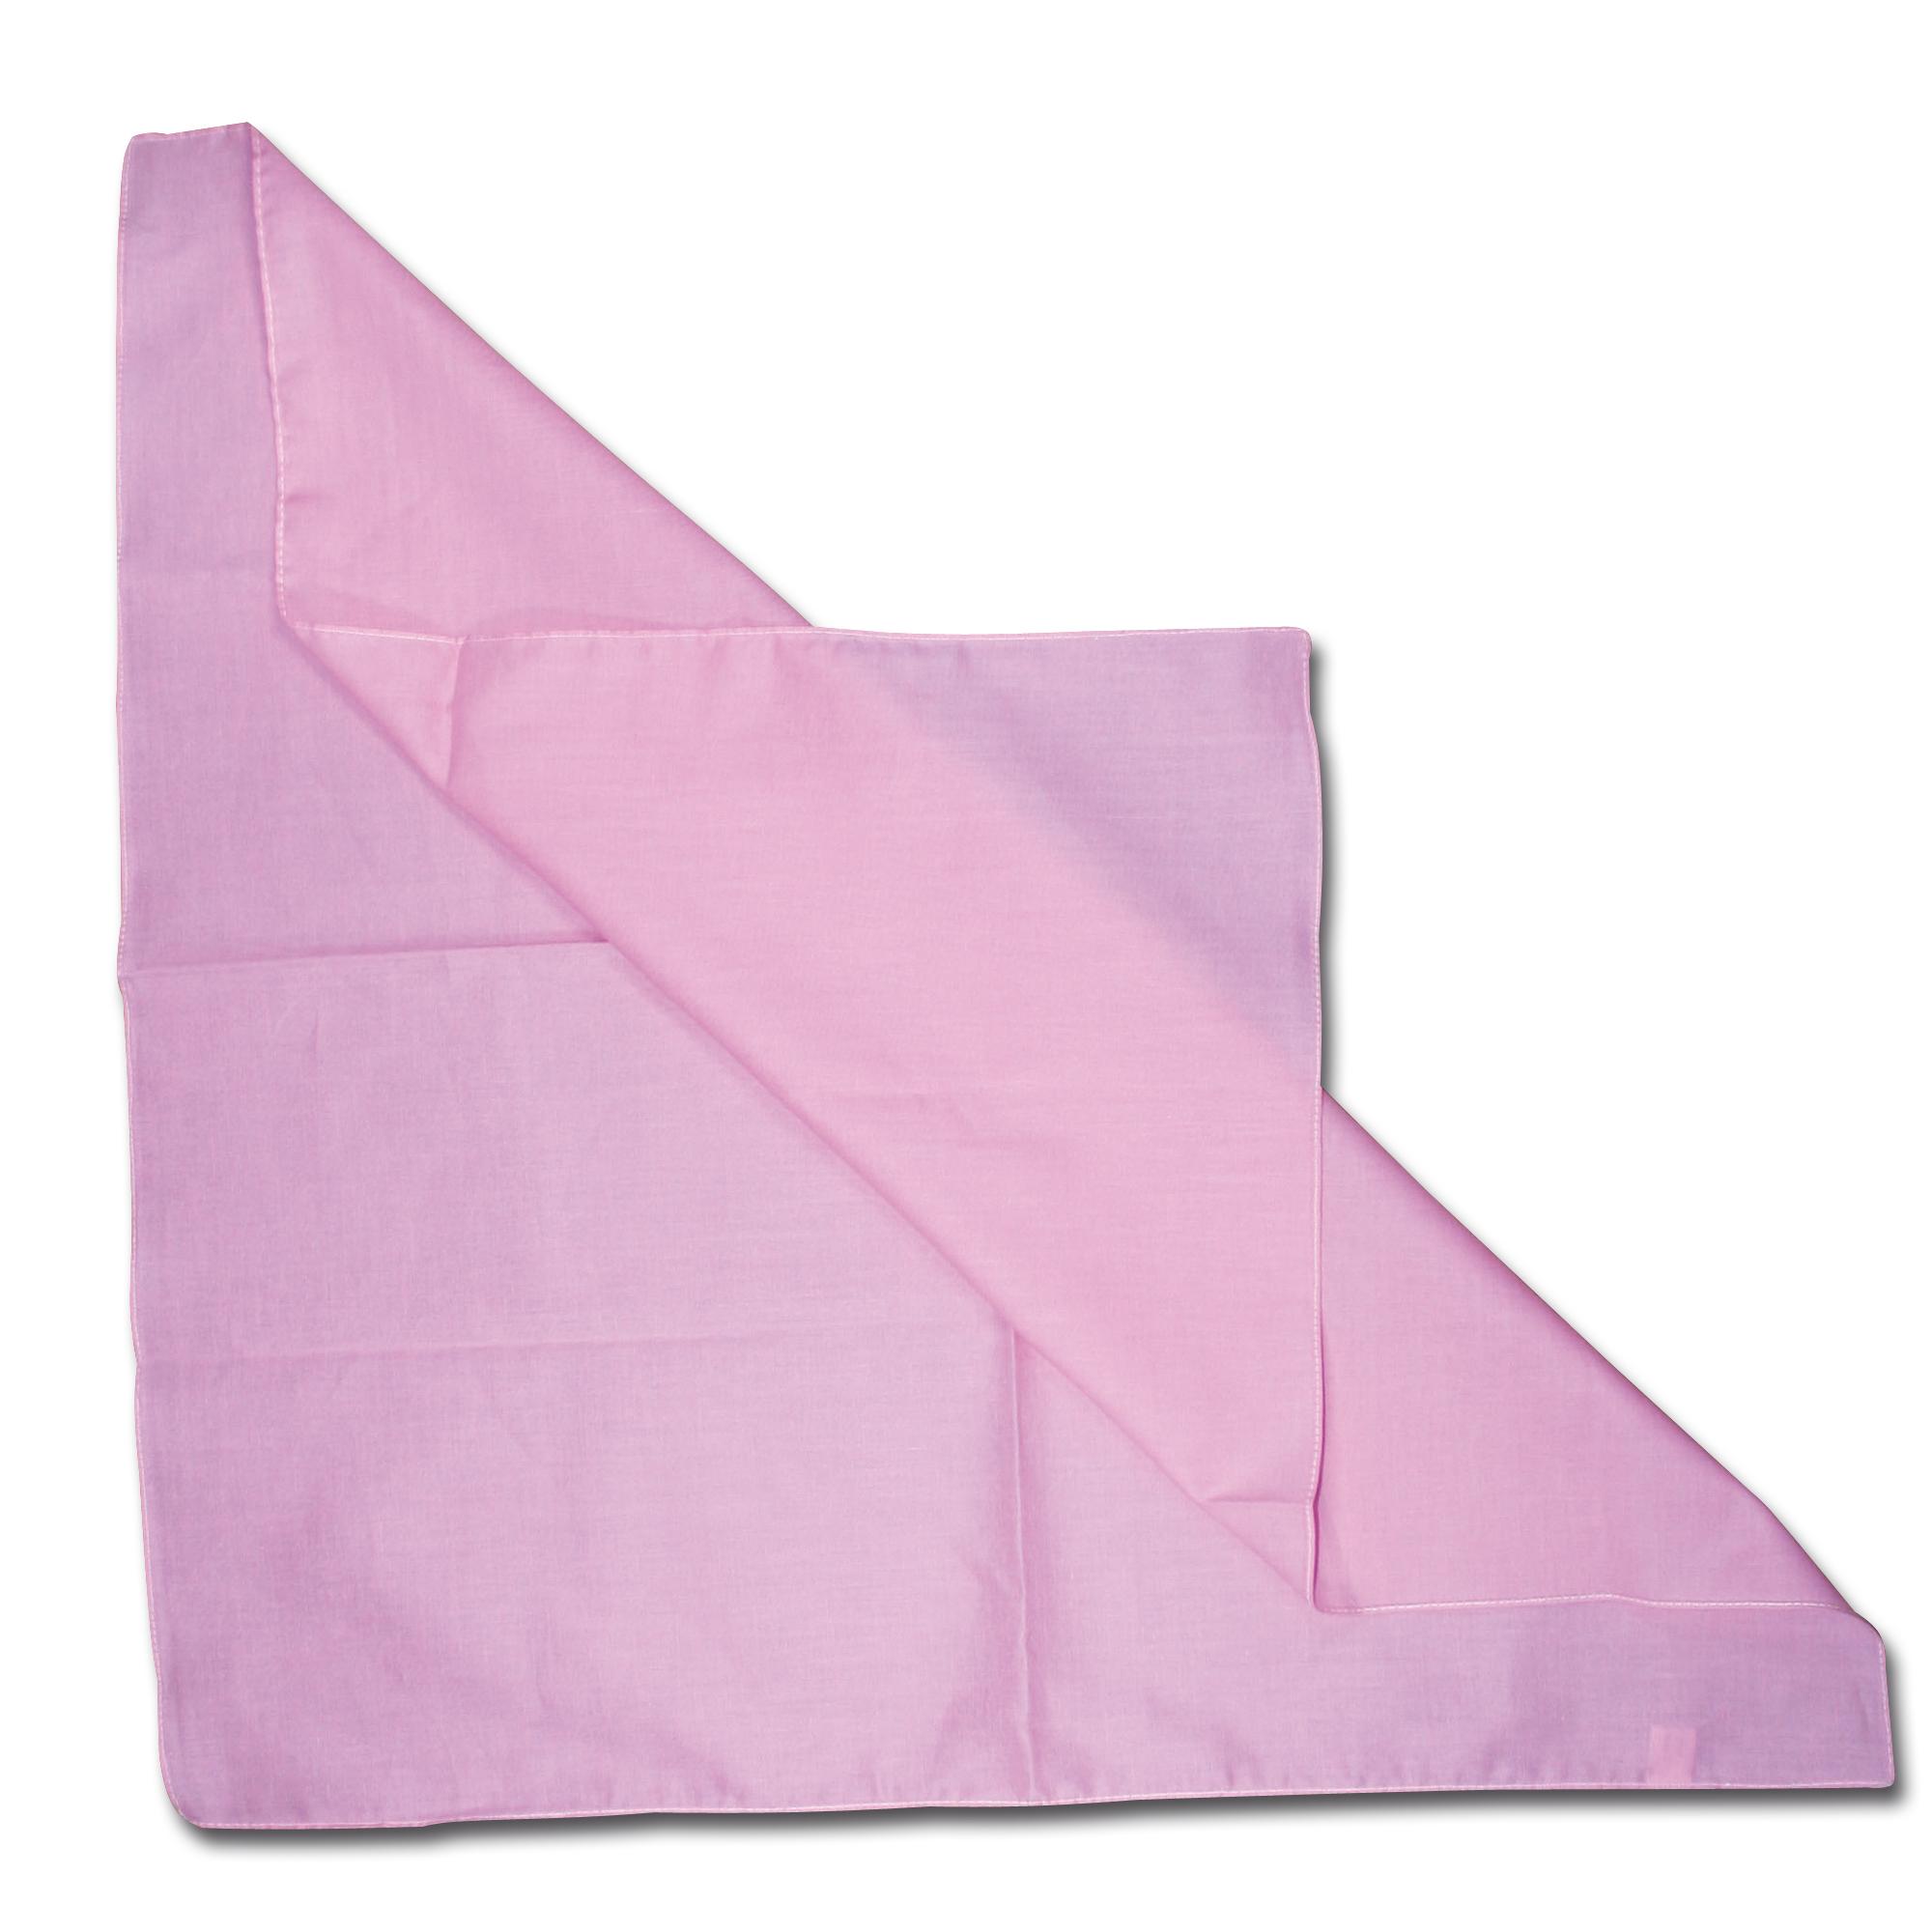 Bandana Rothco pink